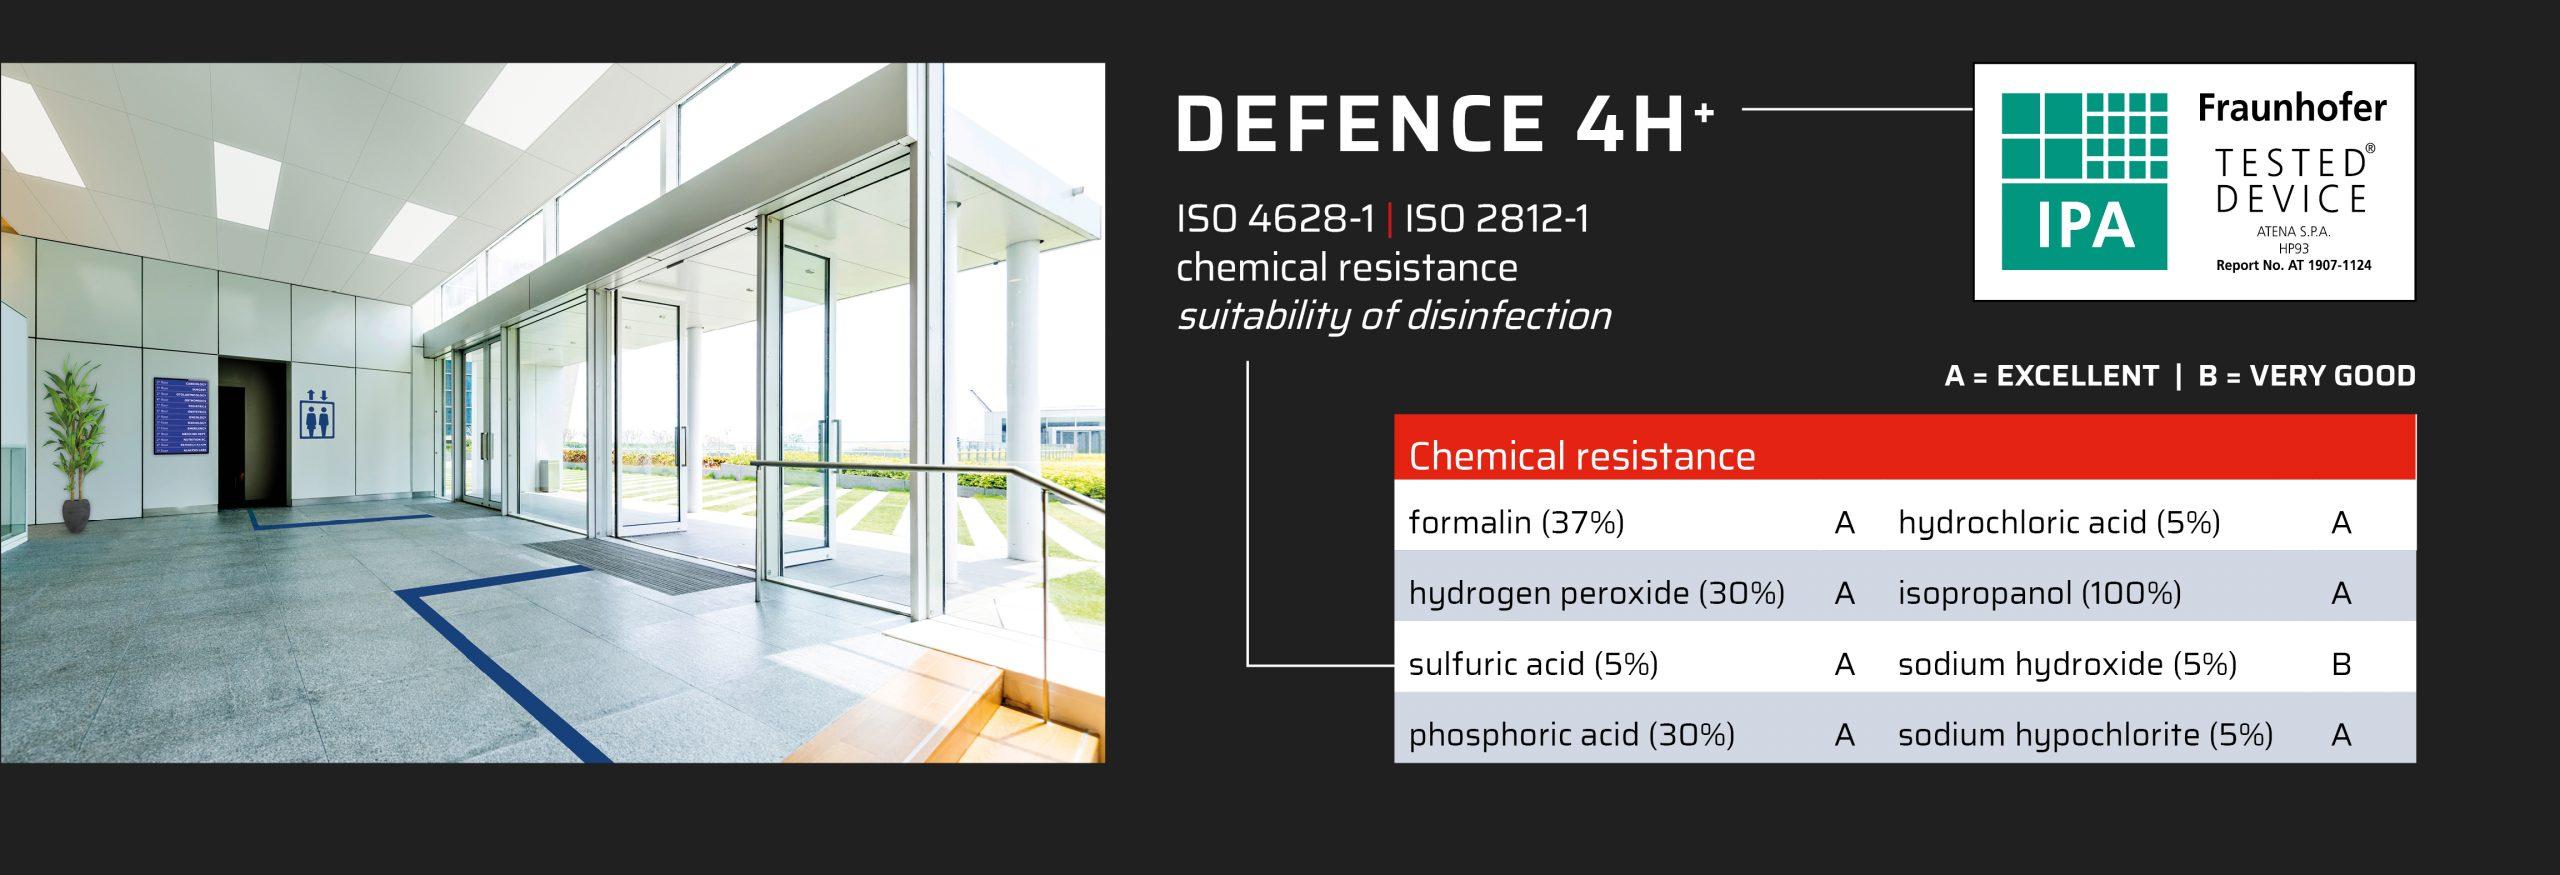 Controsoffitti certificati per la corrosione chimica, idoneità alla disinfezione | Chemical resistance to disinfection ceilings.